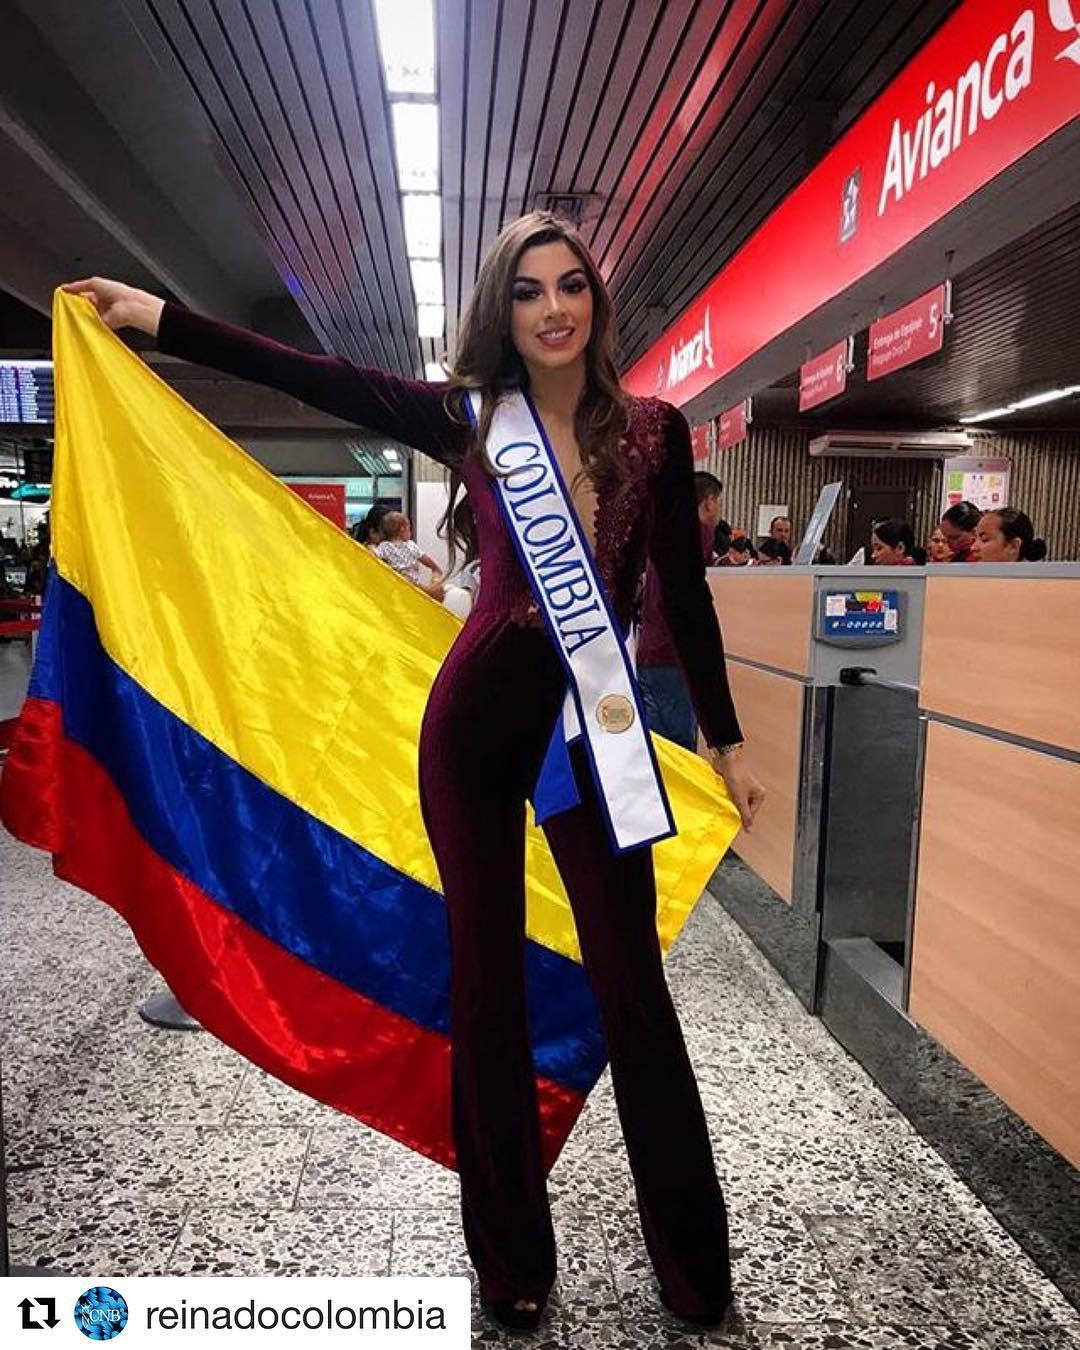 martha martinez, 1st runner-up de miss supranational 2017. - Página 2 23668224